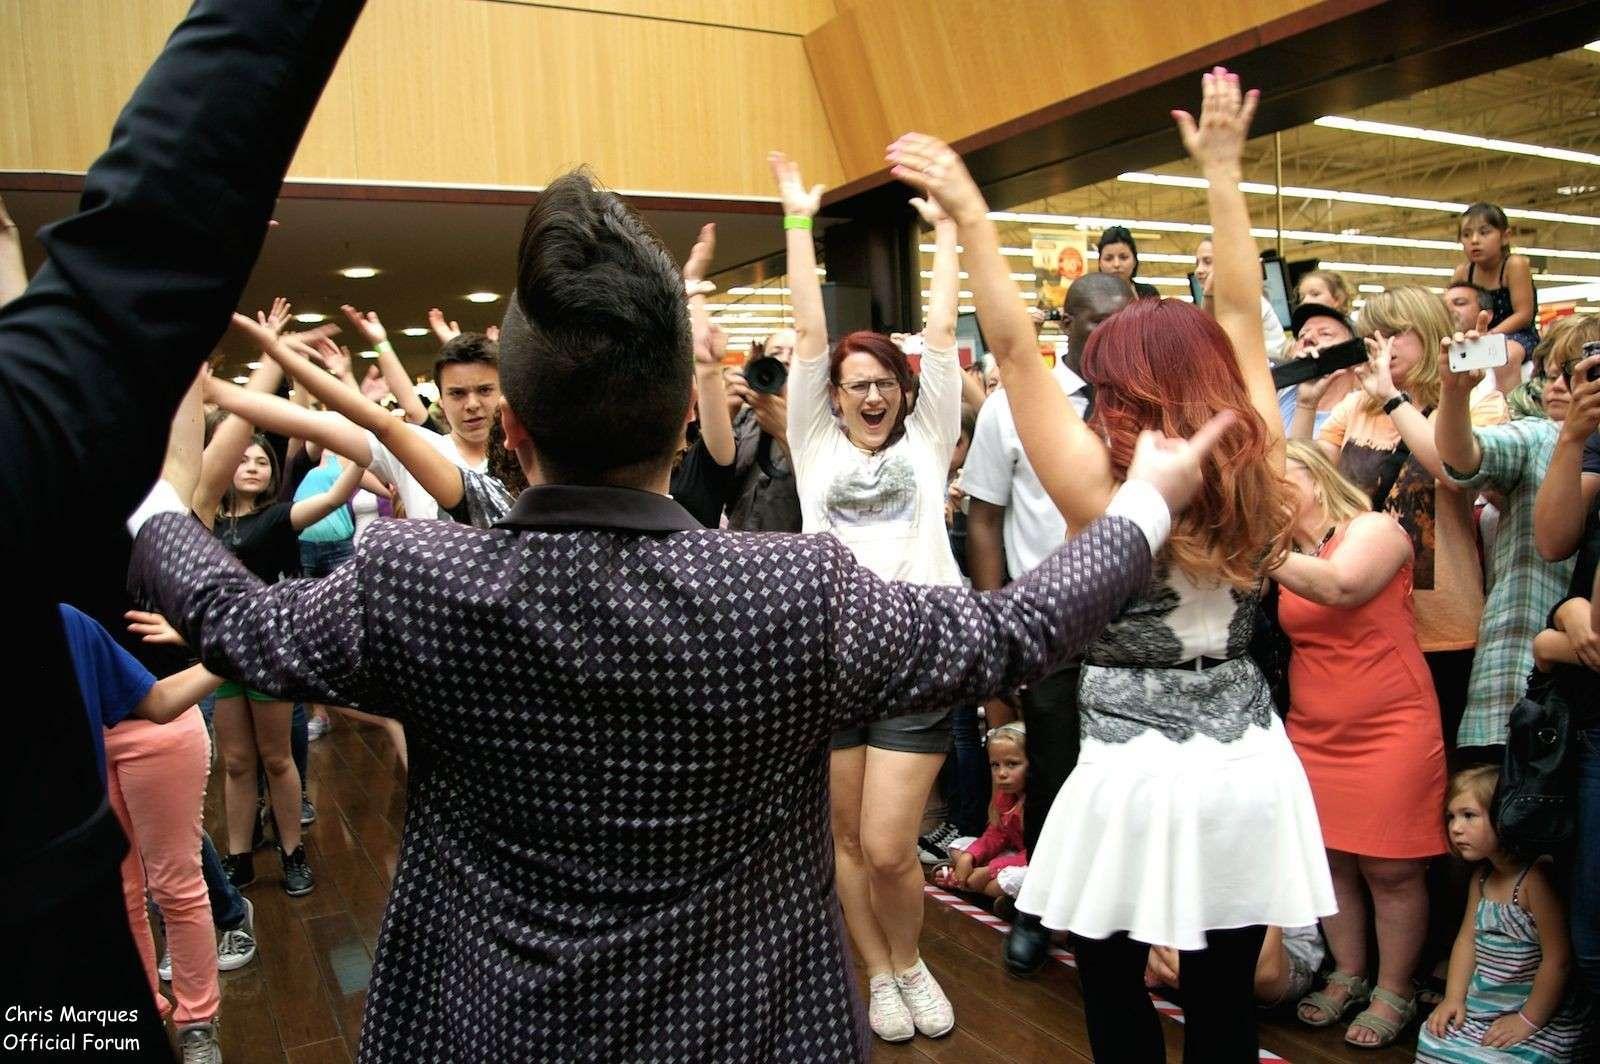 [14.06.2014] Evénement à #Colmar Chris Marques et Jaclyn Spencer pour un Flashmob/Cours de Danse/Dédicaces exceptionnels le tout organisé par la MJC de Colmar 2012